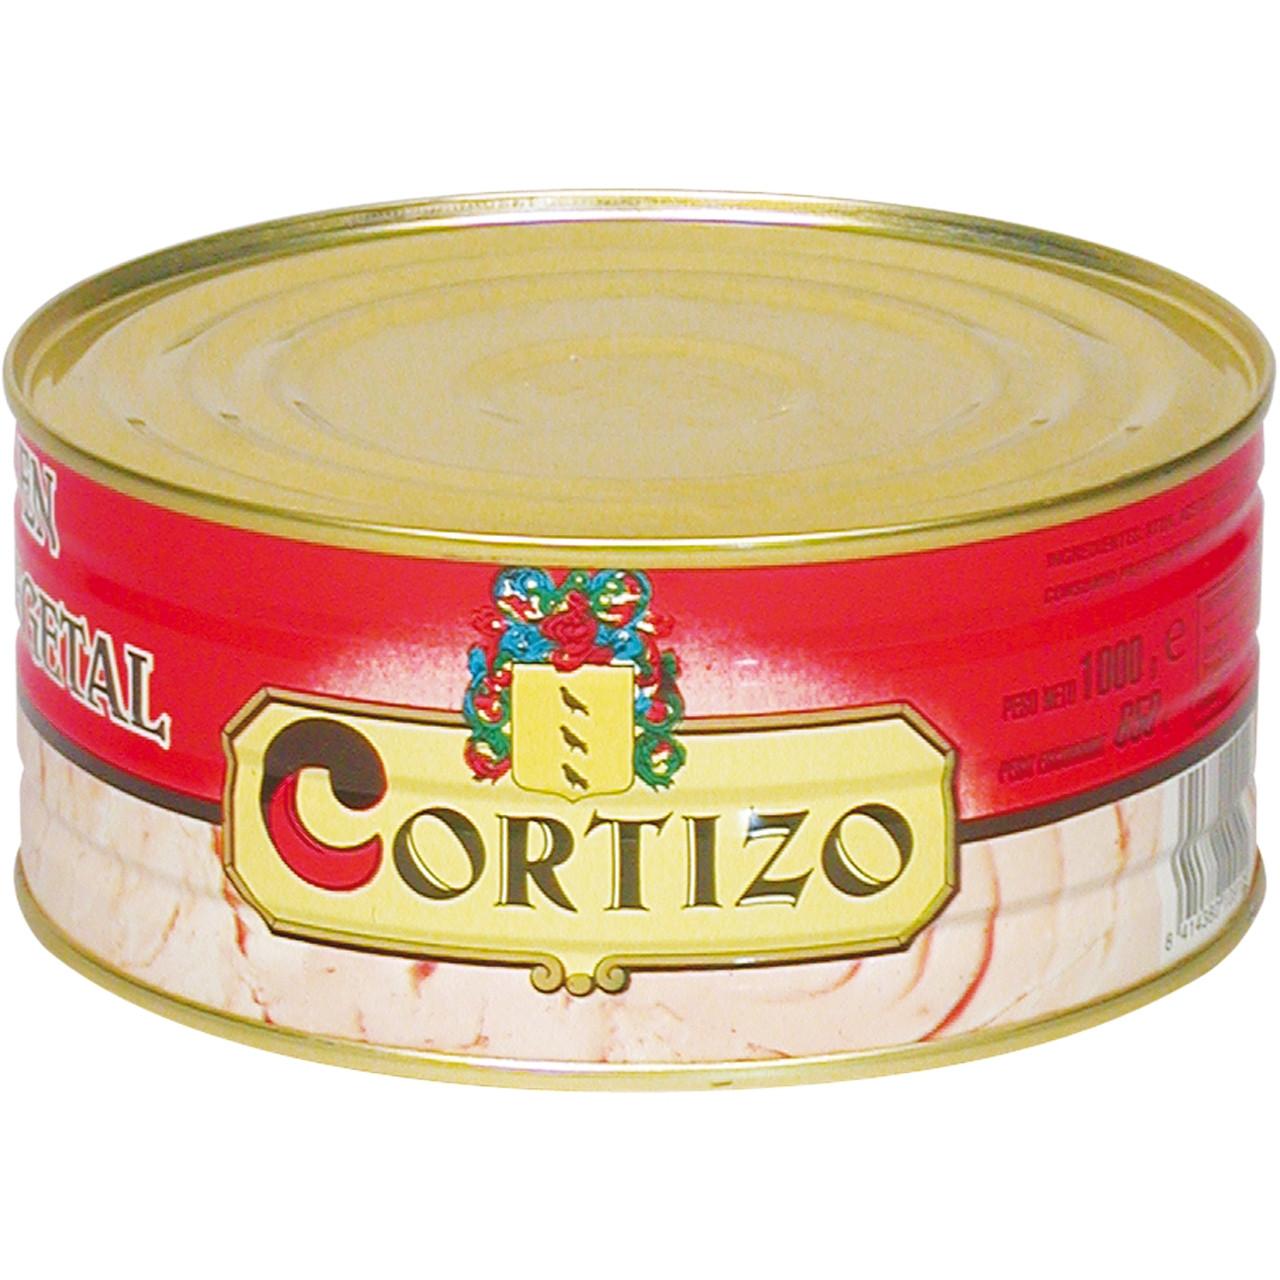 Tonyina ratll. Cortizo ro-900